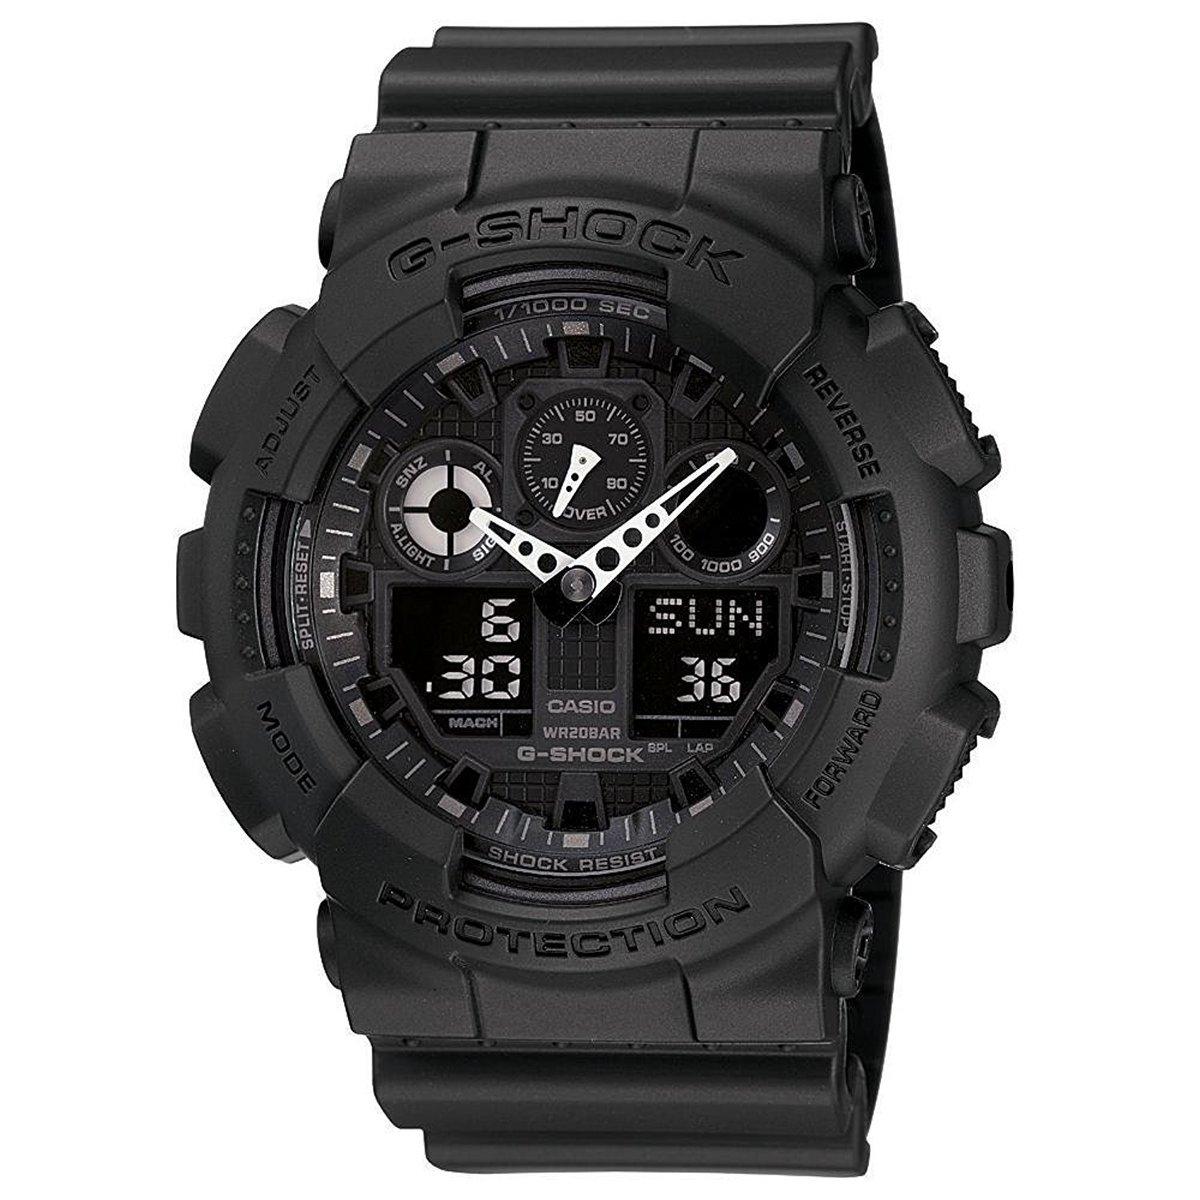 В качестве базовых моделей были выбраны следующие часы: gabt-1a.